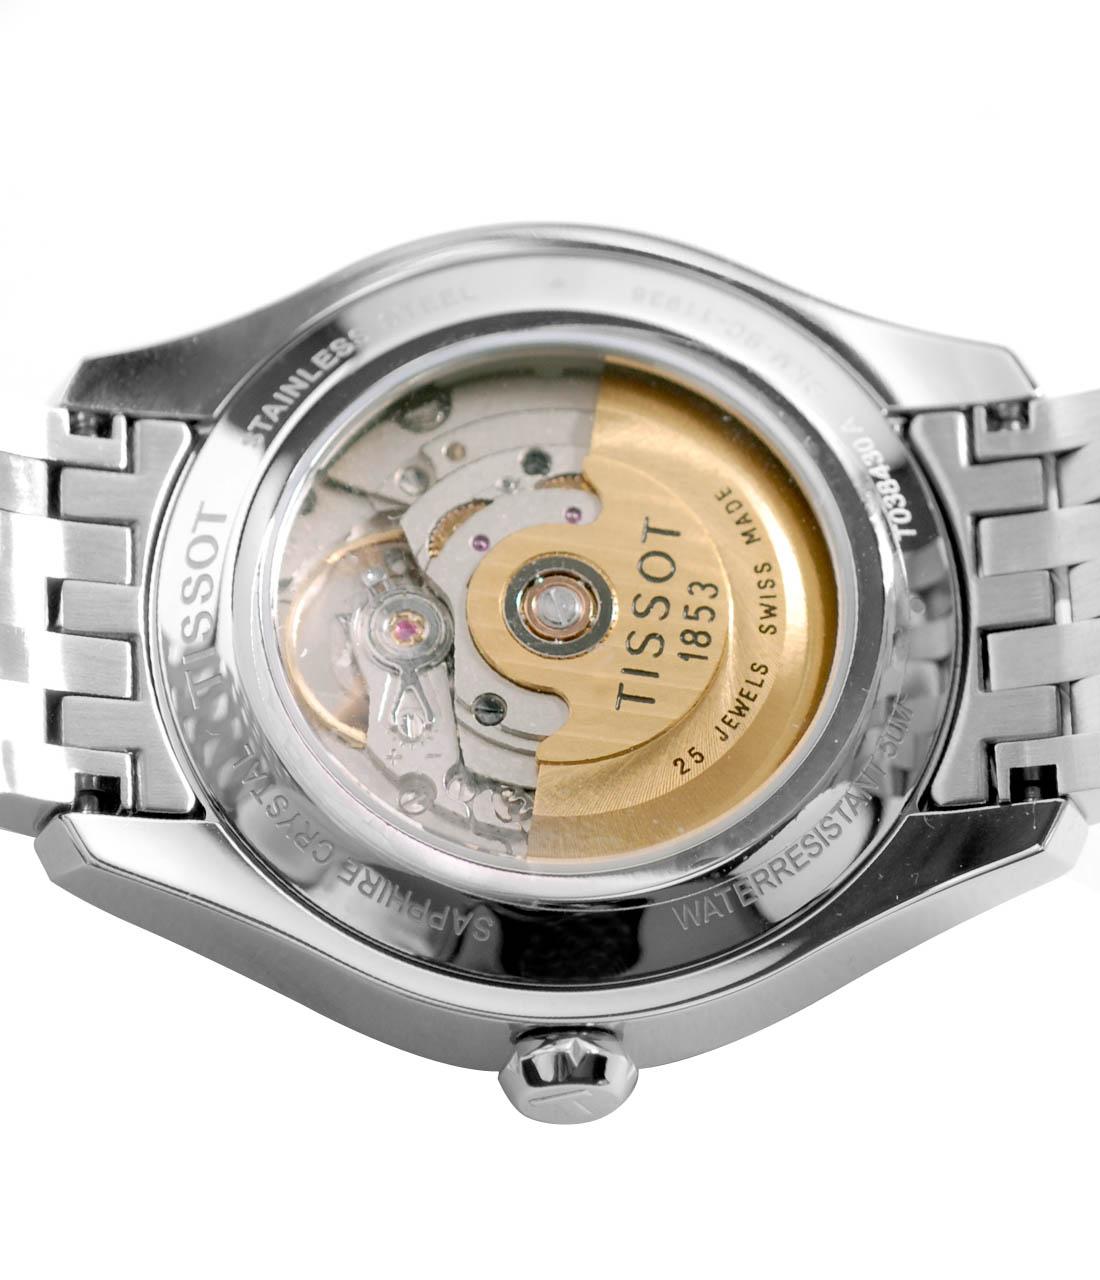 Đồng hồ Tissot Nam 1853 T038.207.22.037.00  mặt lưng hở